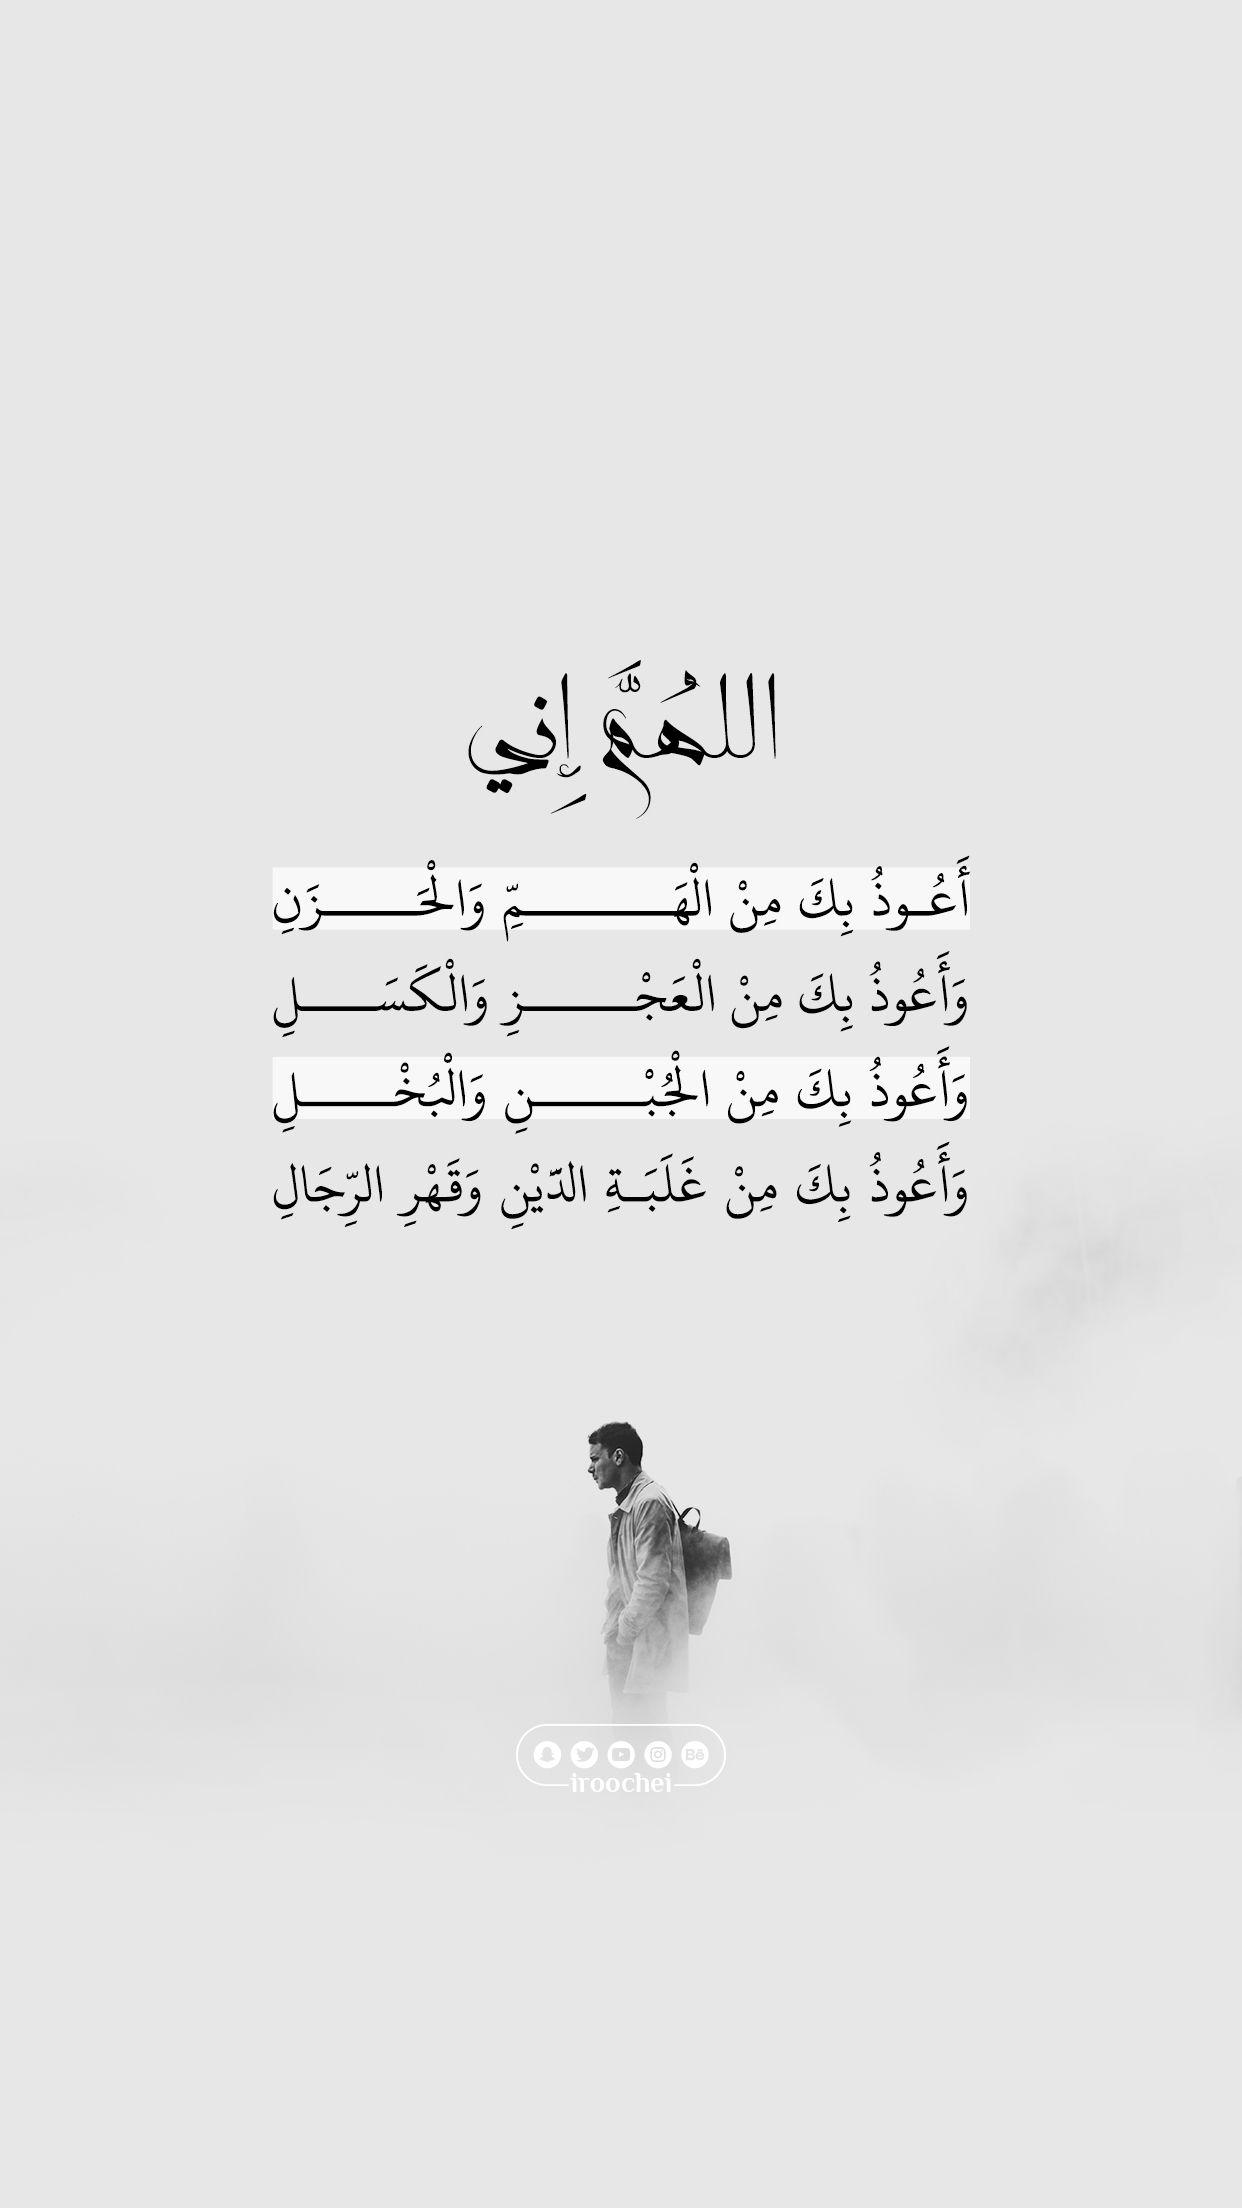 اللهم إني أعوذ بك من الهم والحزن Quran Quotes Love Quran Quotes Islamic Love Quotes